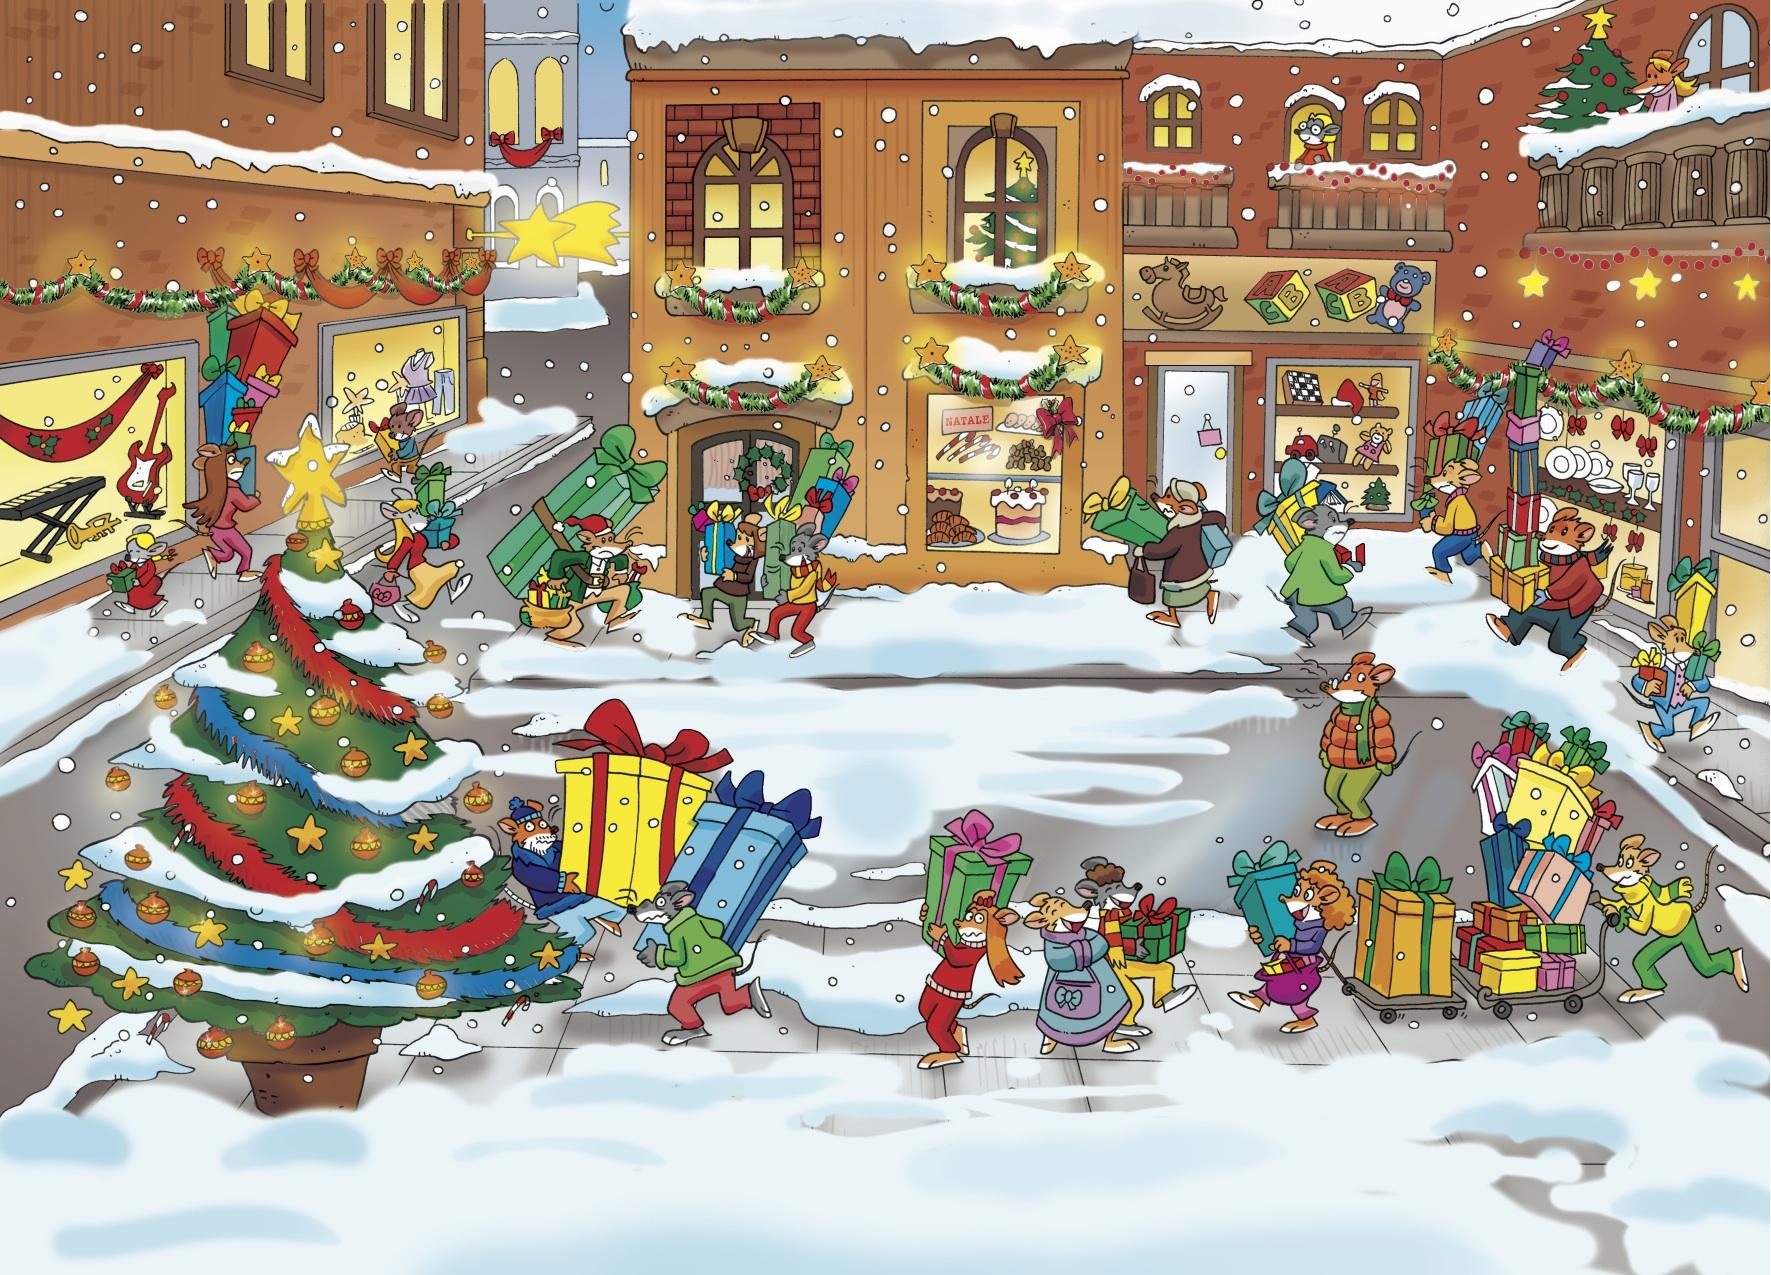 Le Vostre Rime Di Natale Sul Topoblog Topoblog Geronimo Stilton